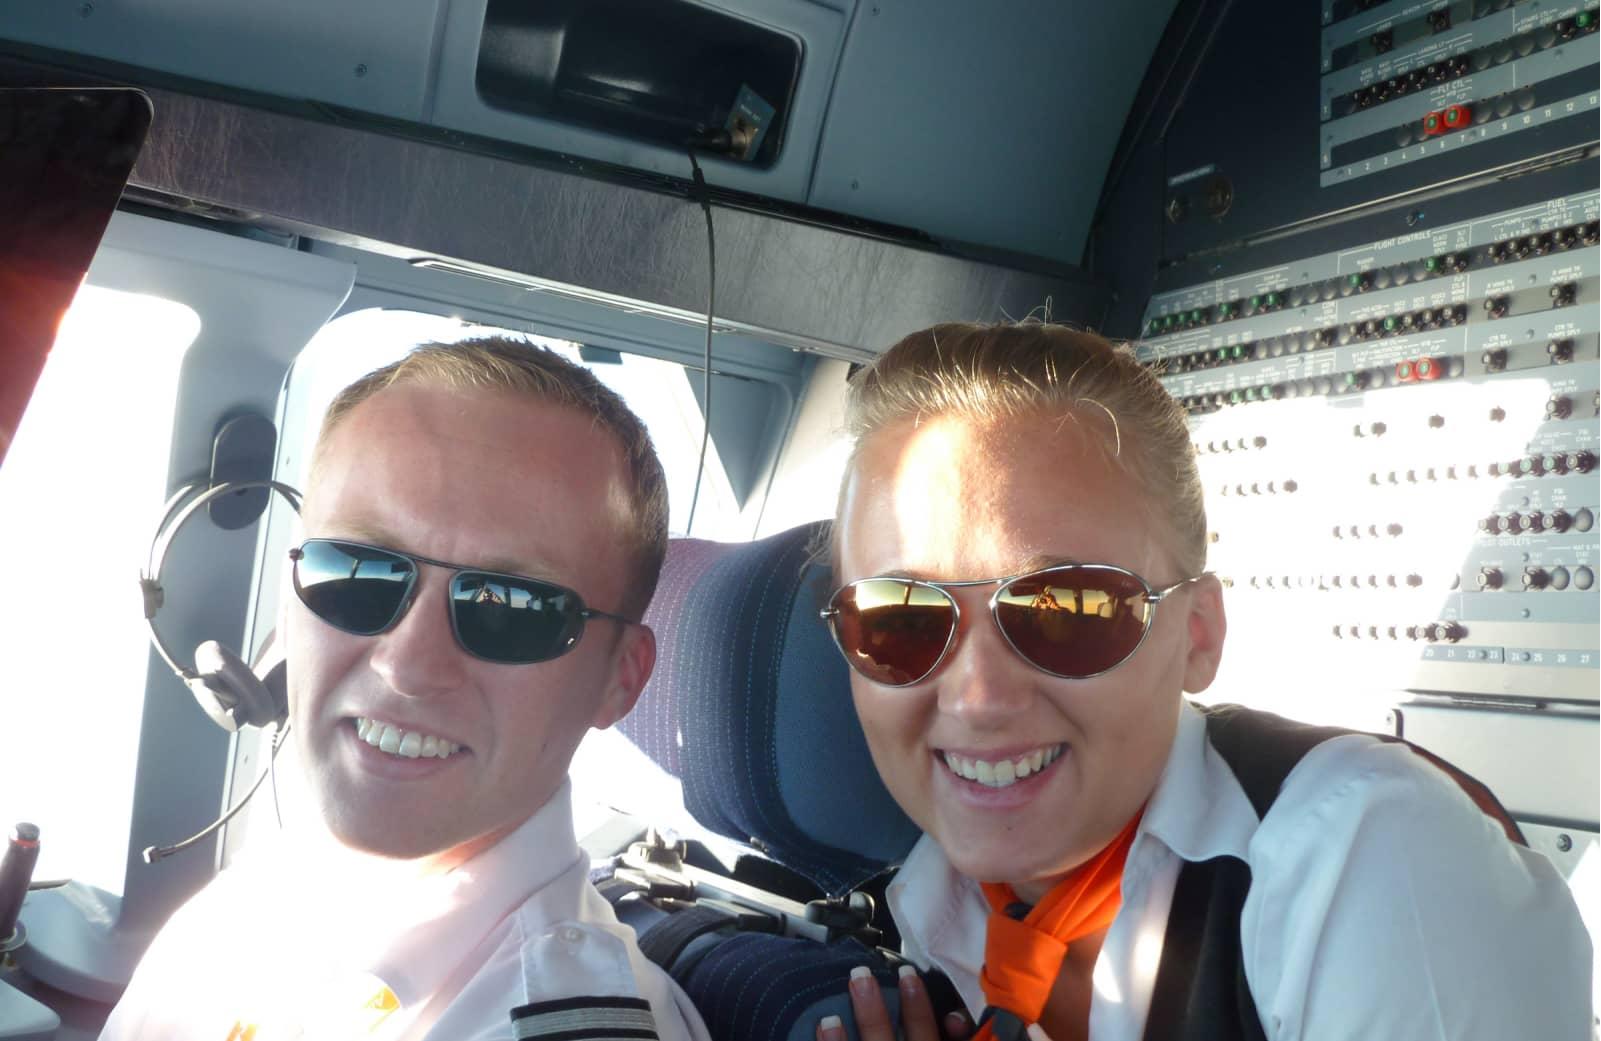 Bigatmo sunglasses in the cockpit